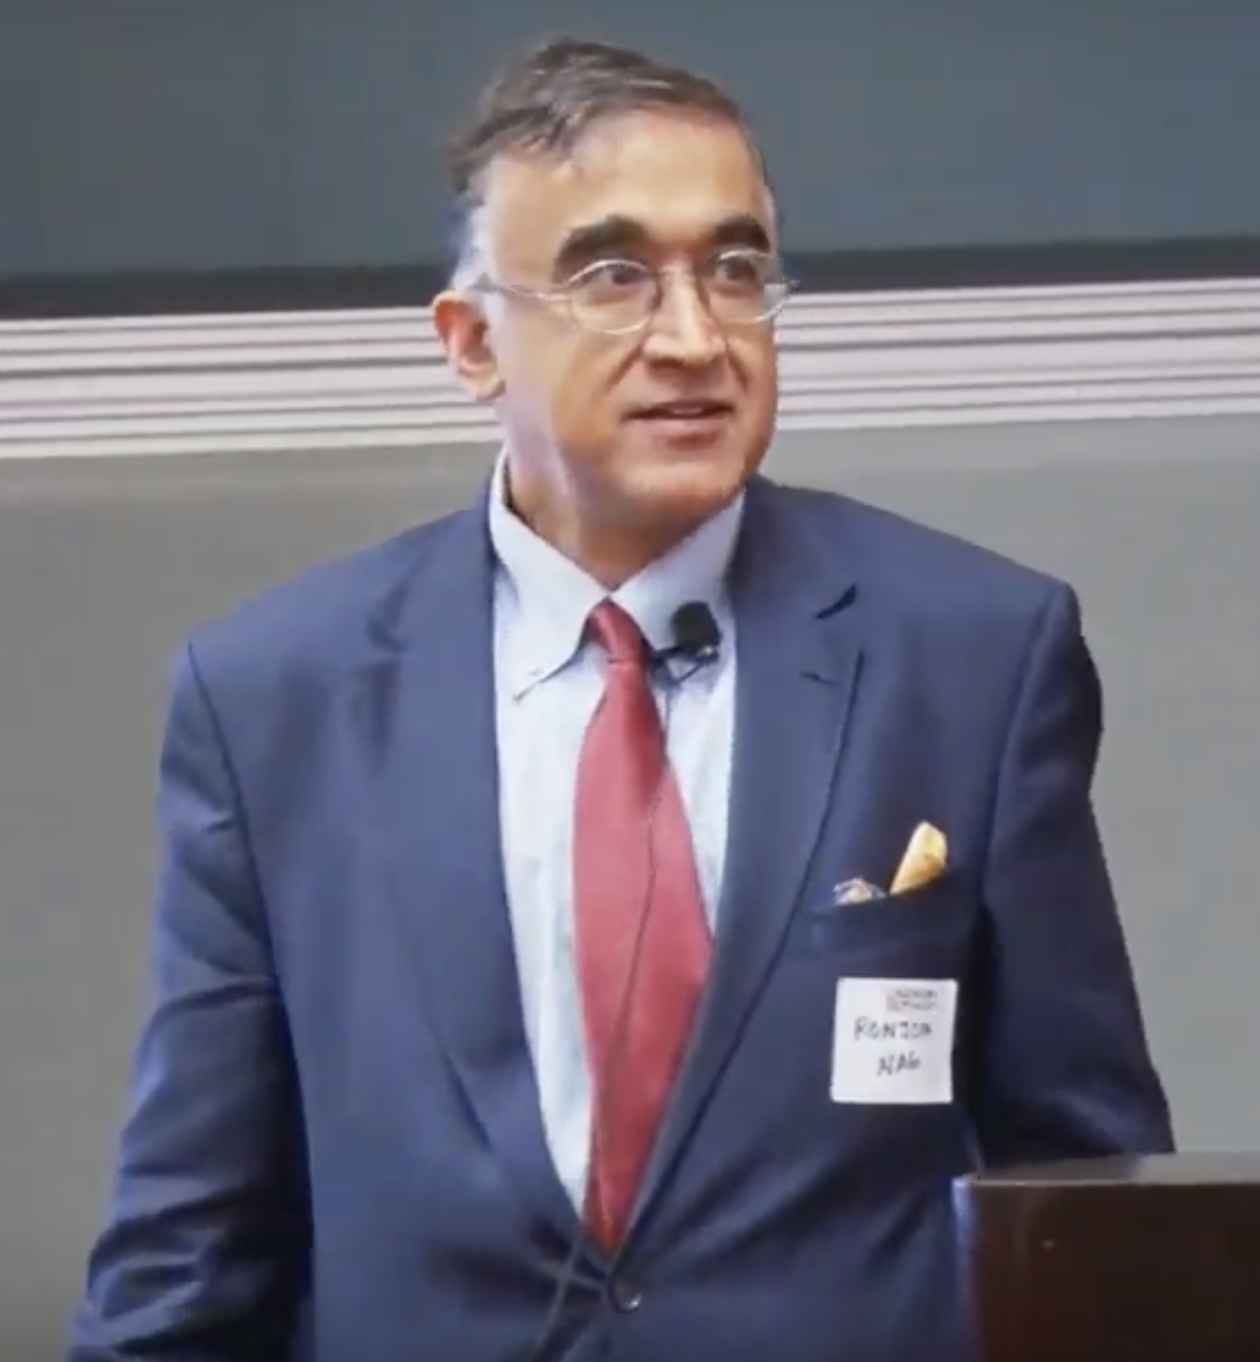 Dr. Ronjon Nag, TiEcon 2018